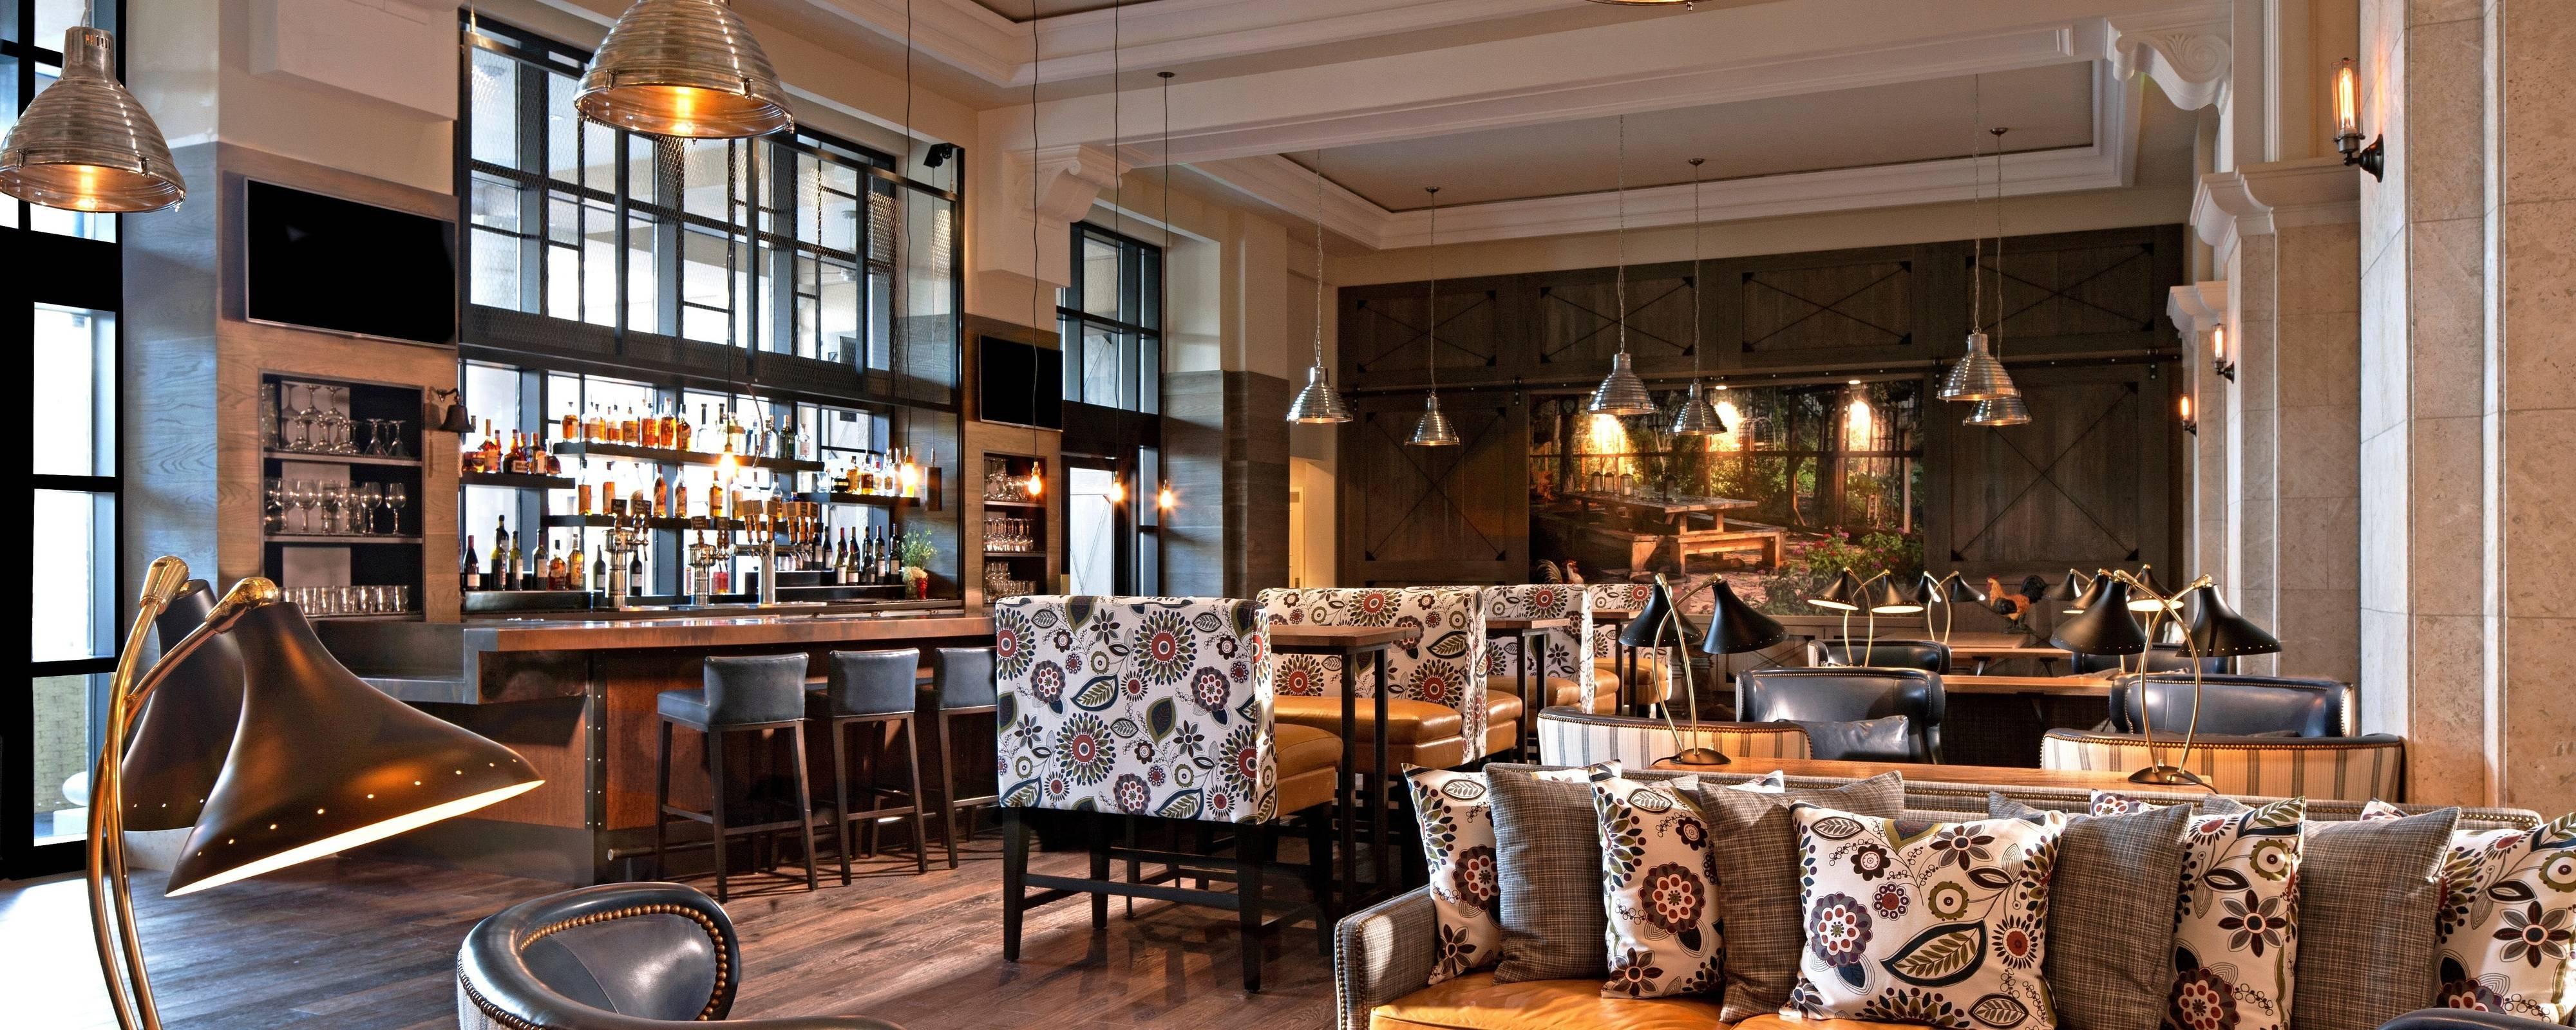 hotels with kitchen in orlando modular usa fine dining restaurants jw marriott